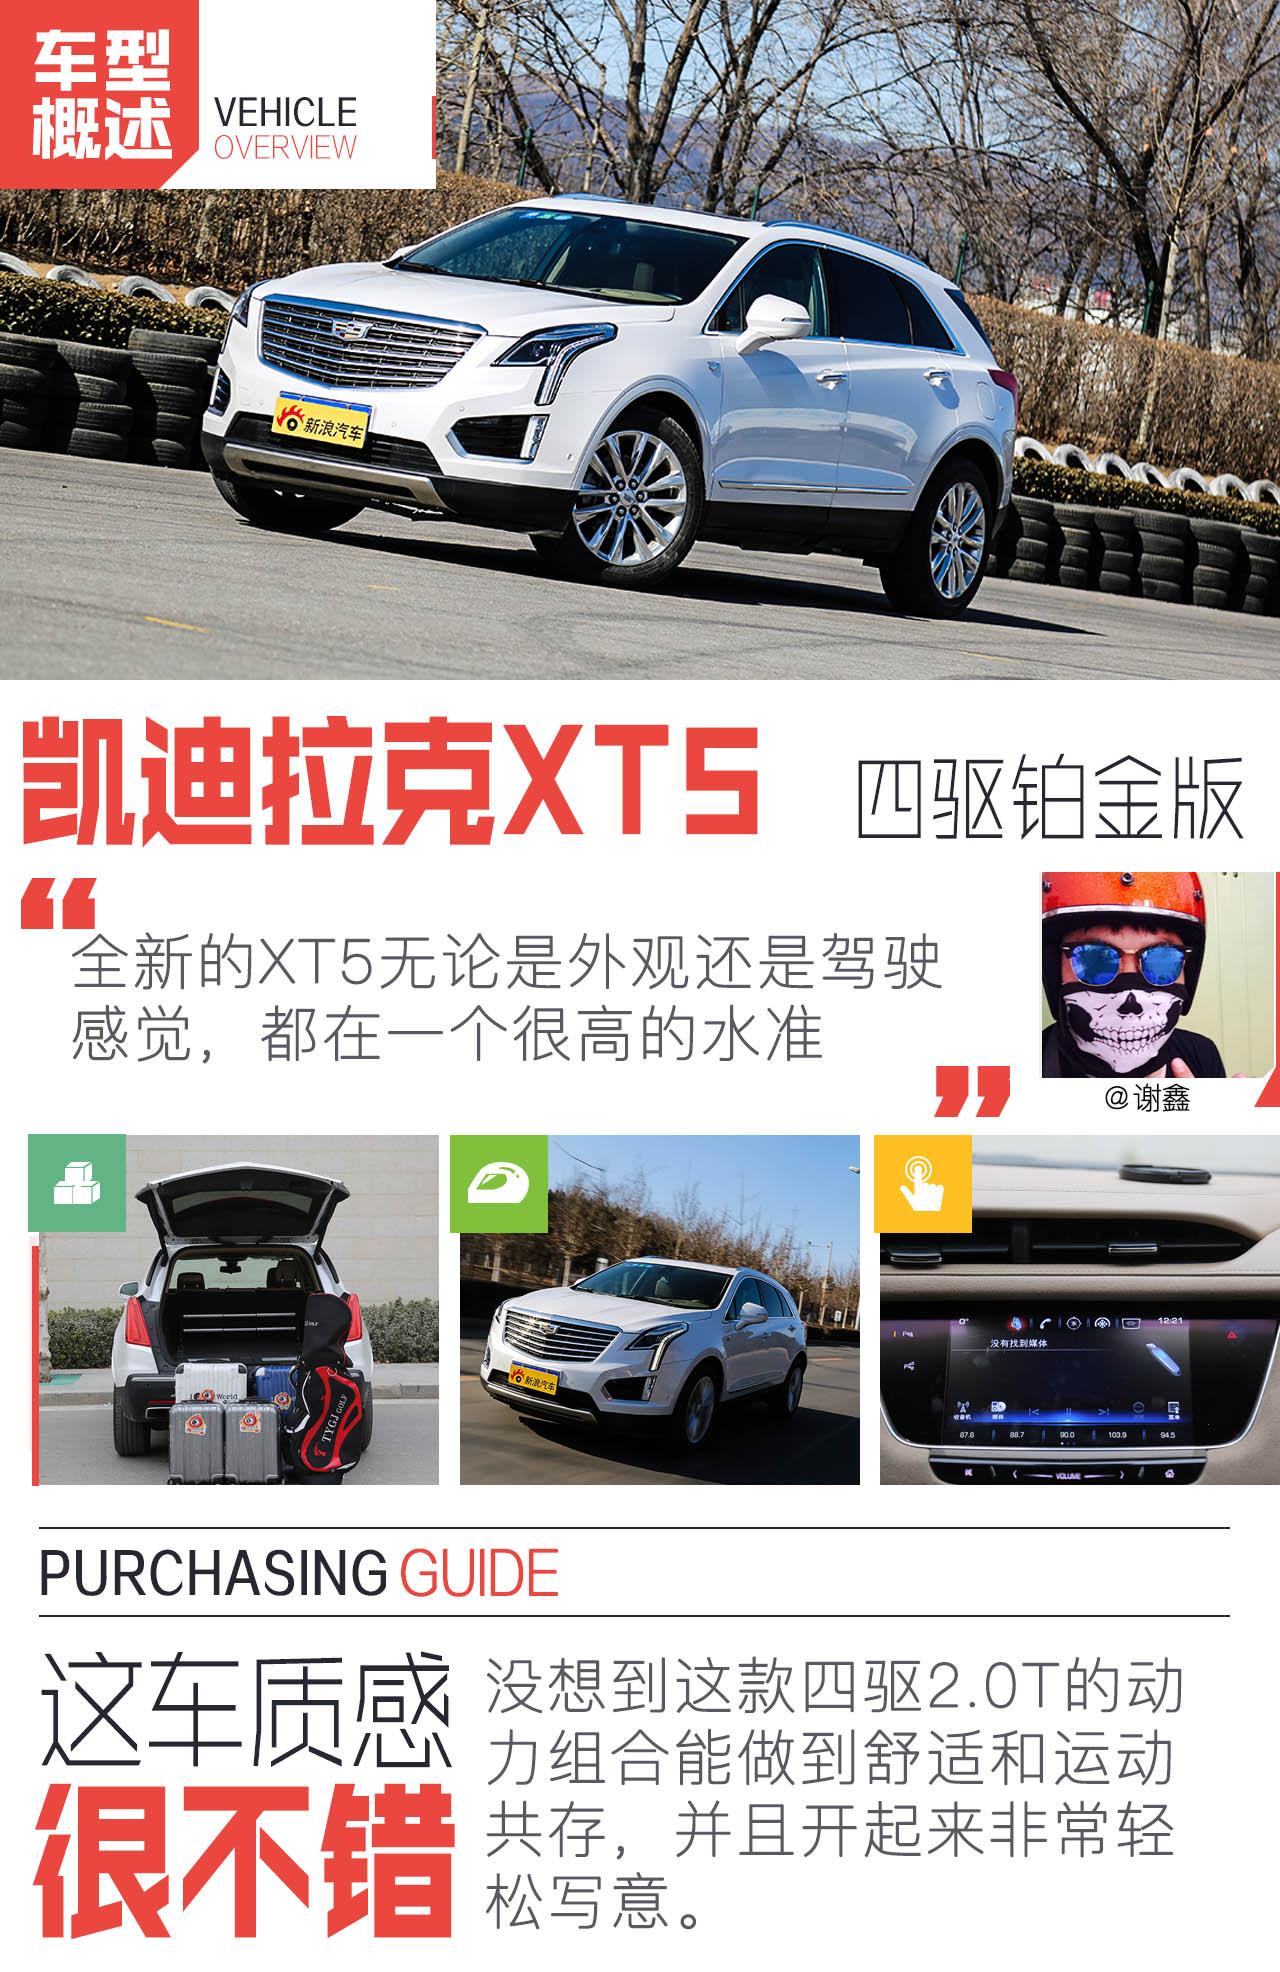 上汽通用凯迪拉克-凯迪拉克XT5 2016款 28T 四驱铂金版